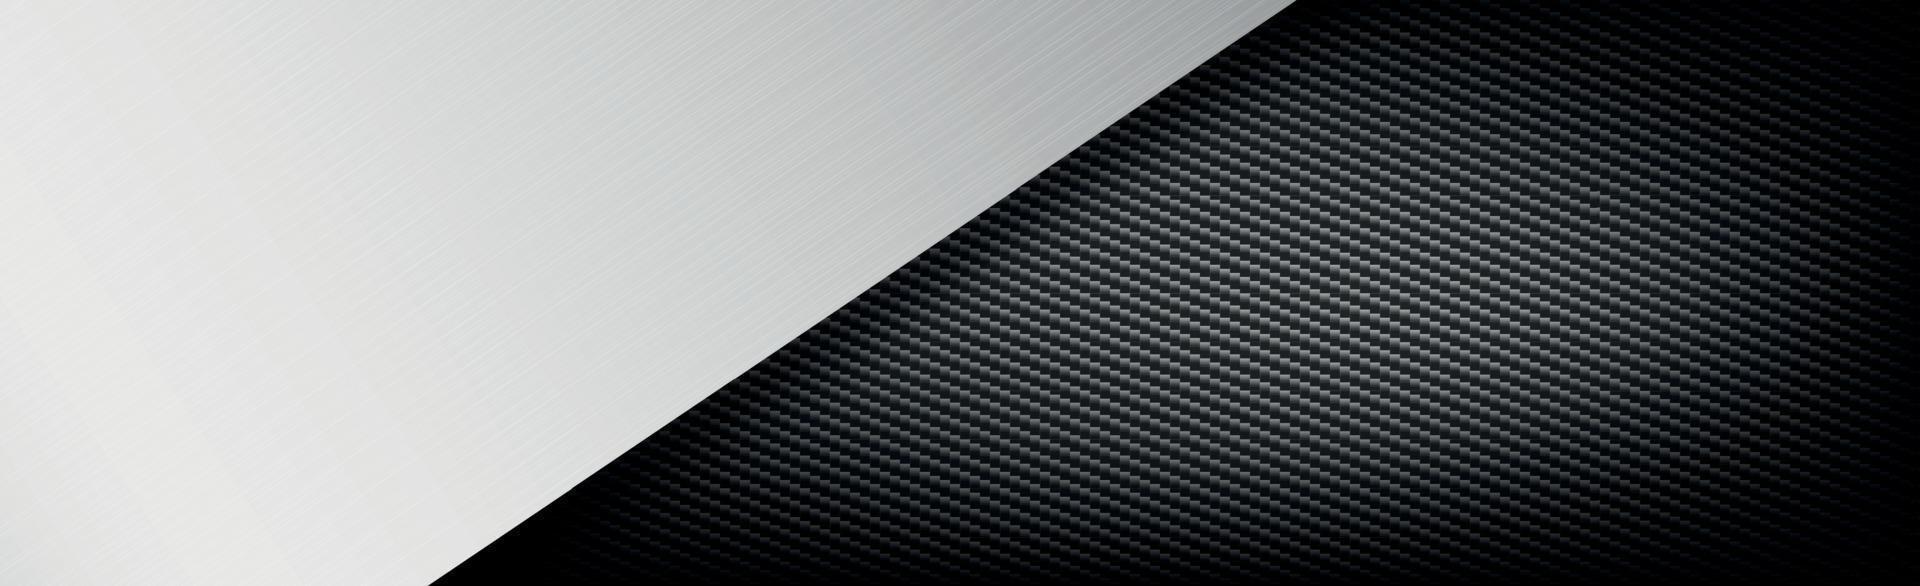 abstracte metalen en koolstofvezel textuur achtergrond - vector afbeelding